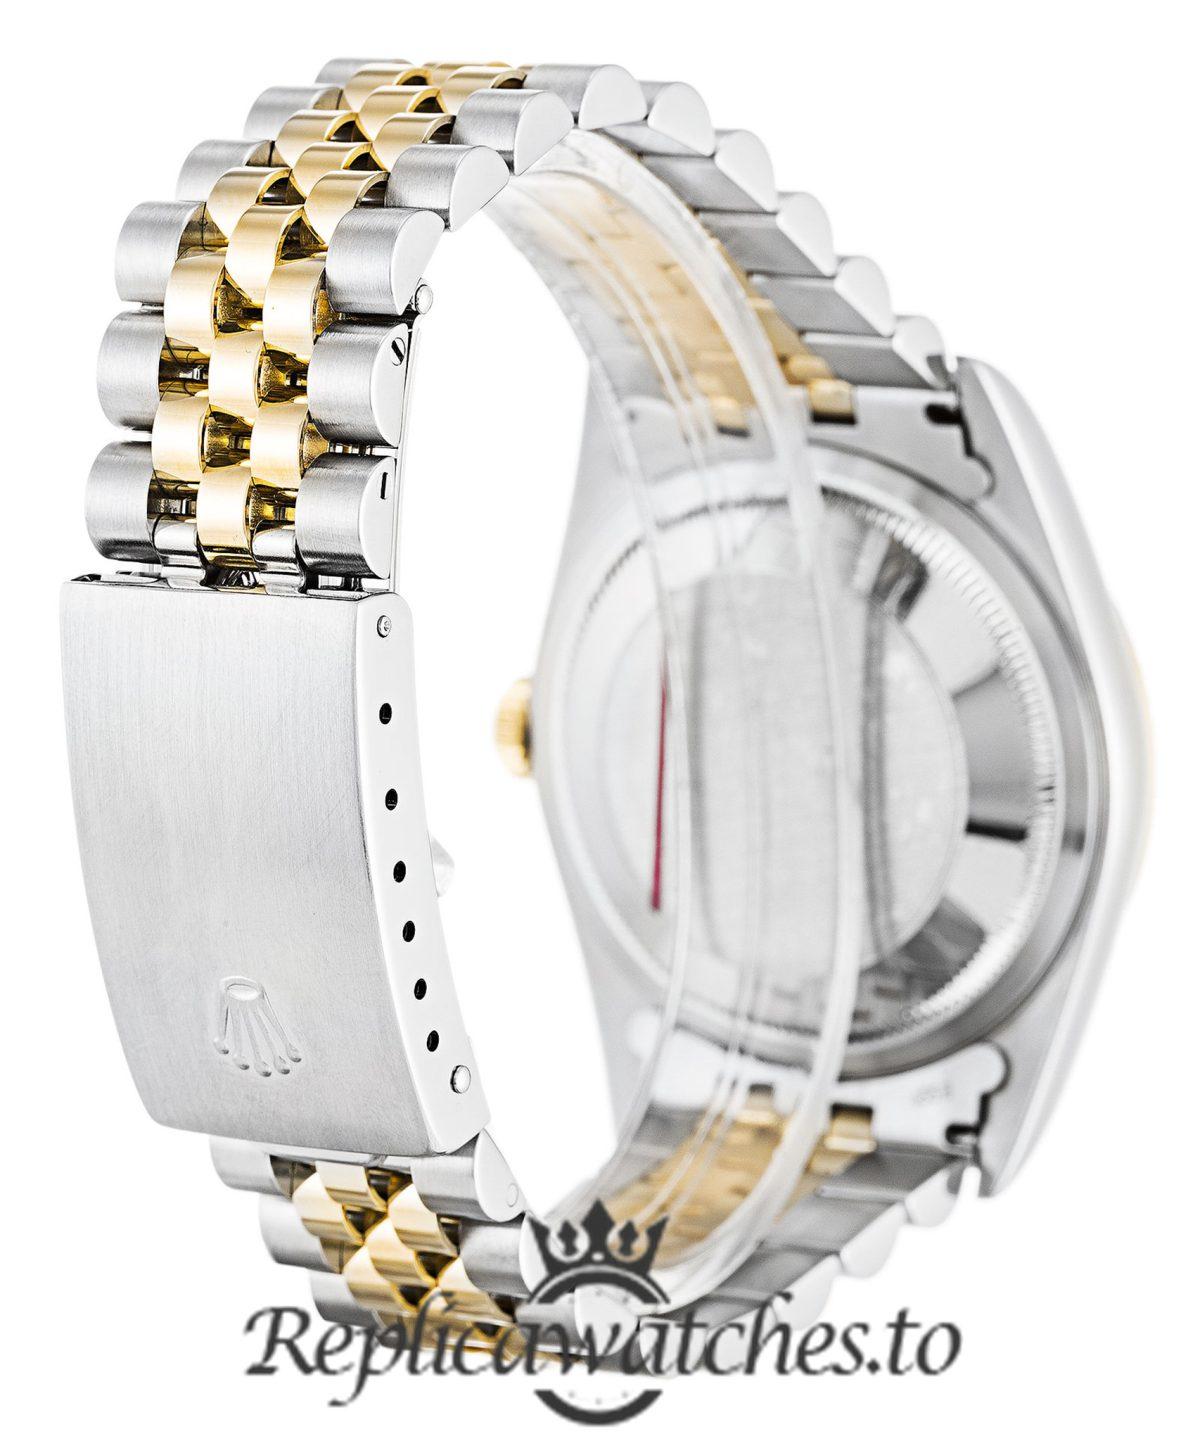 Rolex Datejust Replica 16233 003 Yellow Gold Bezel 36MM